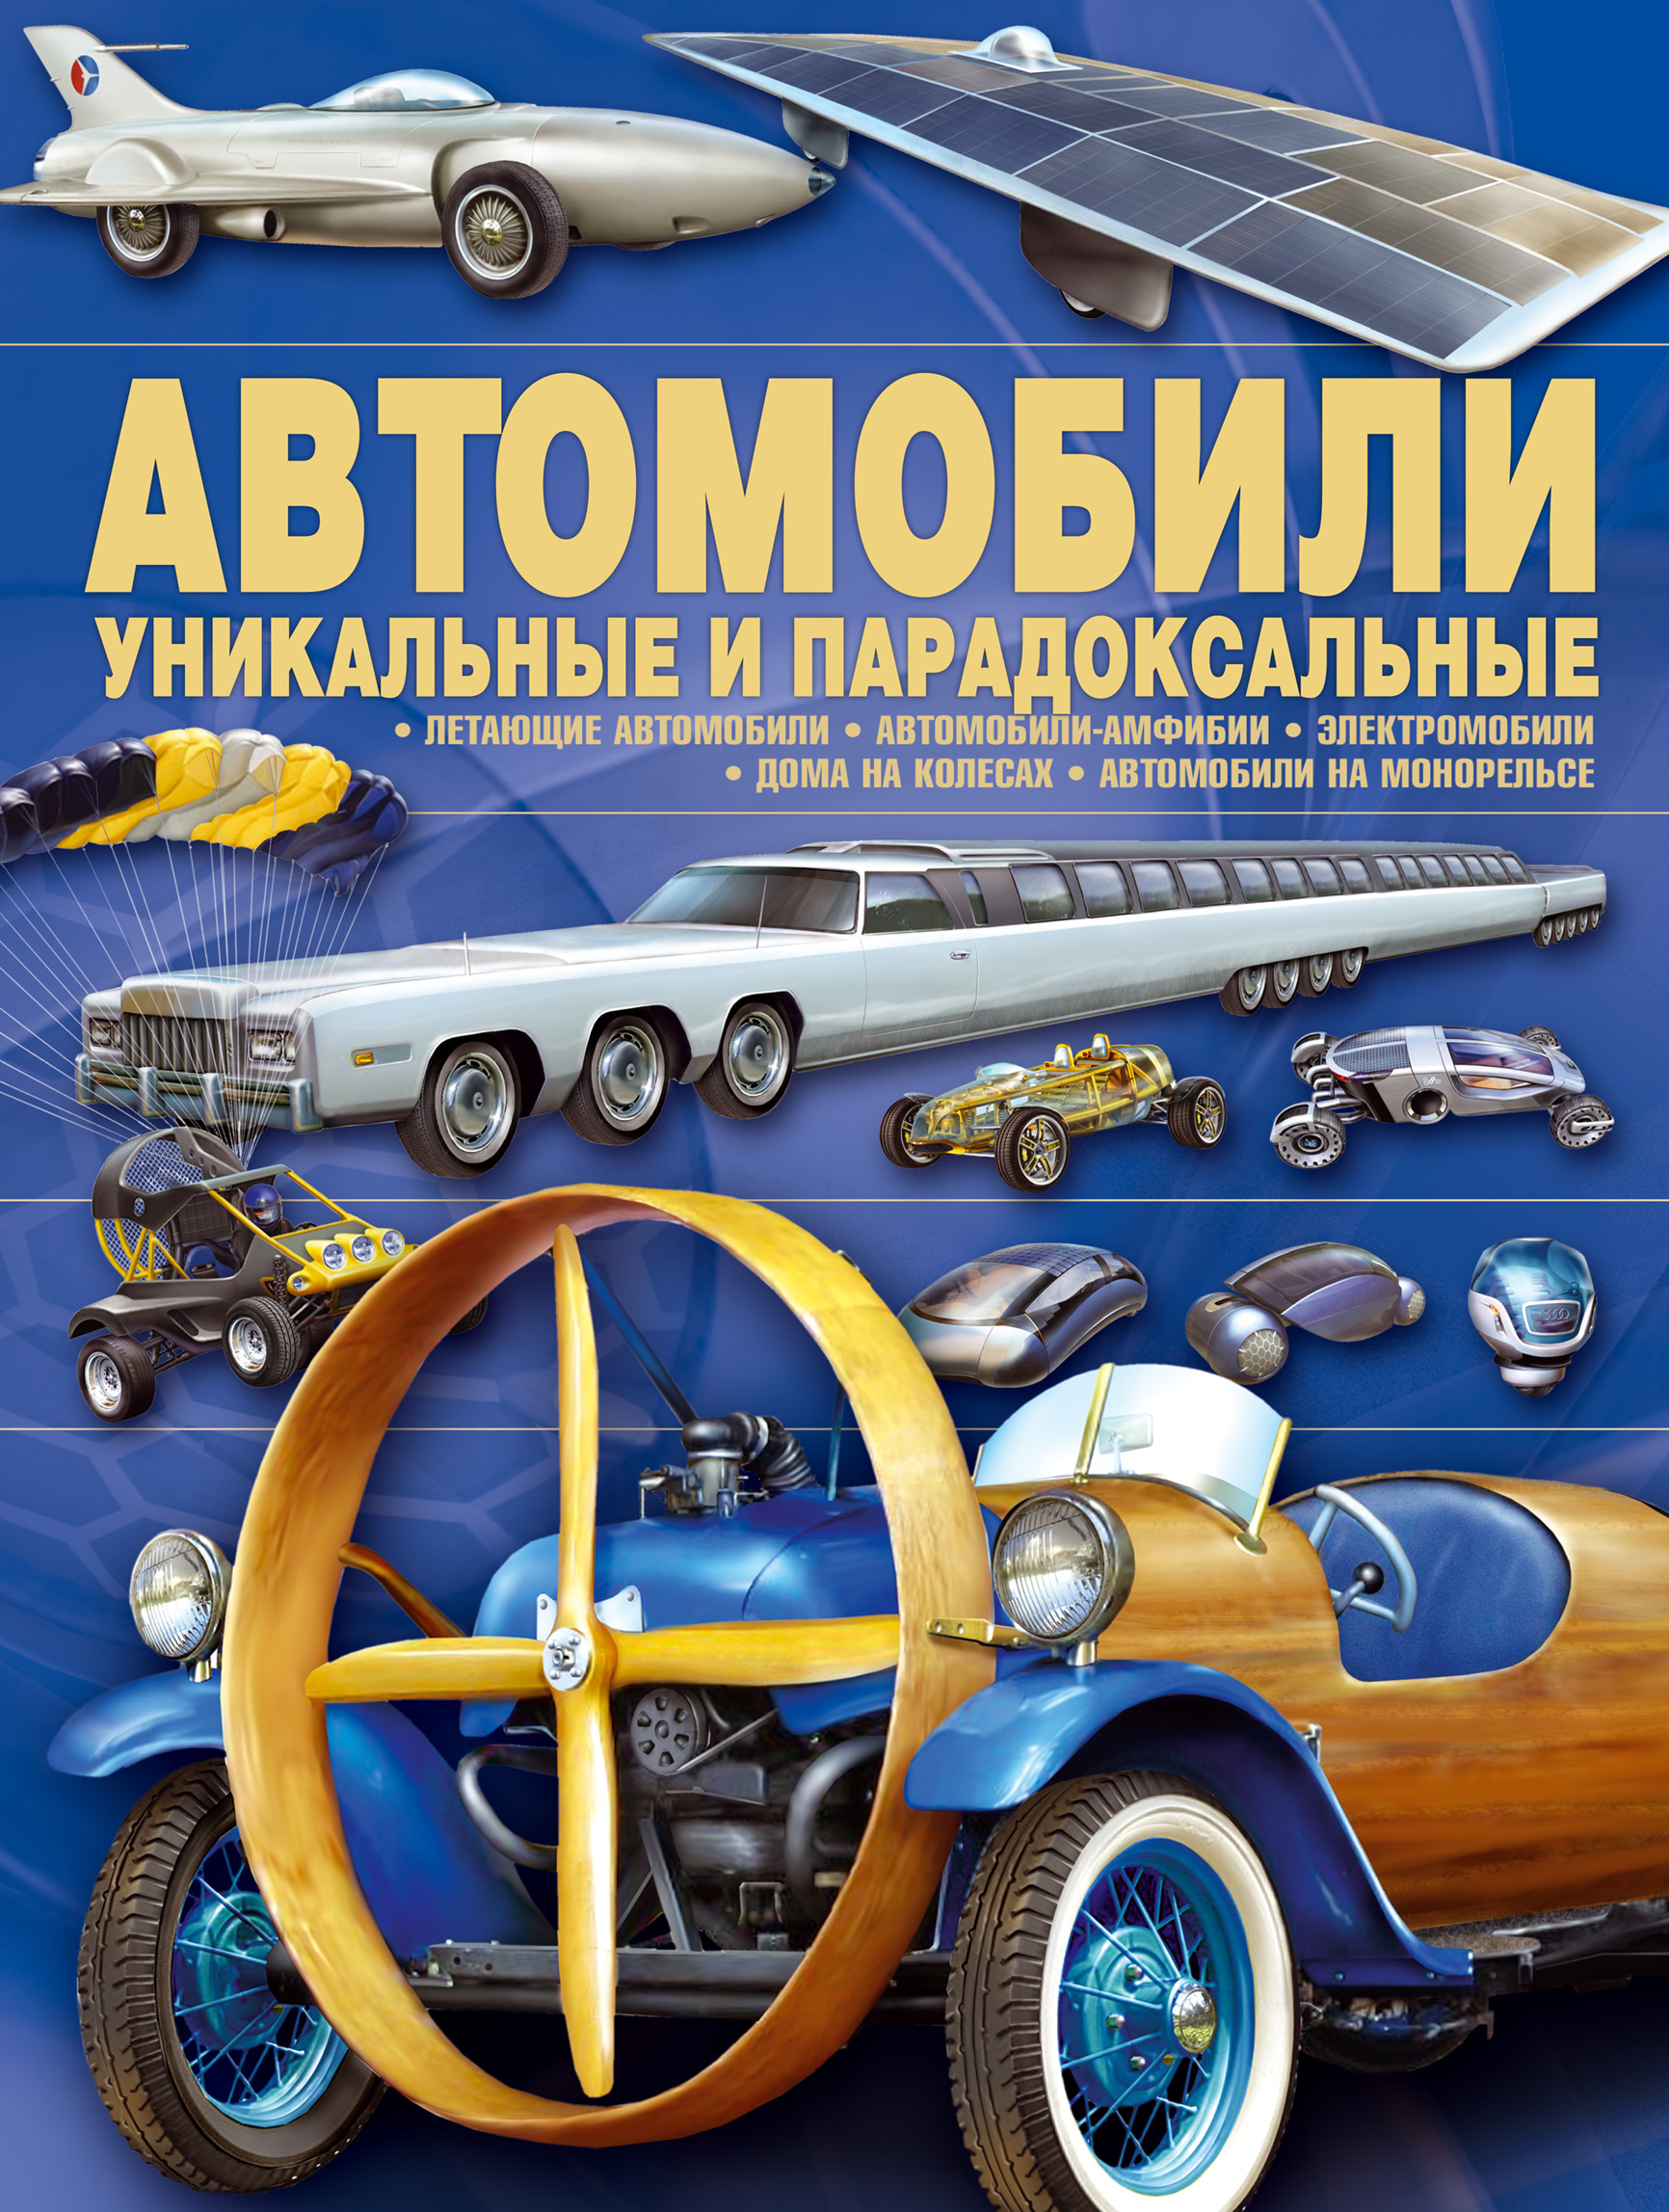 Александр Архипов Автомобили. Уникальные и парадоксальные